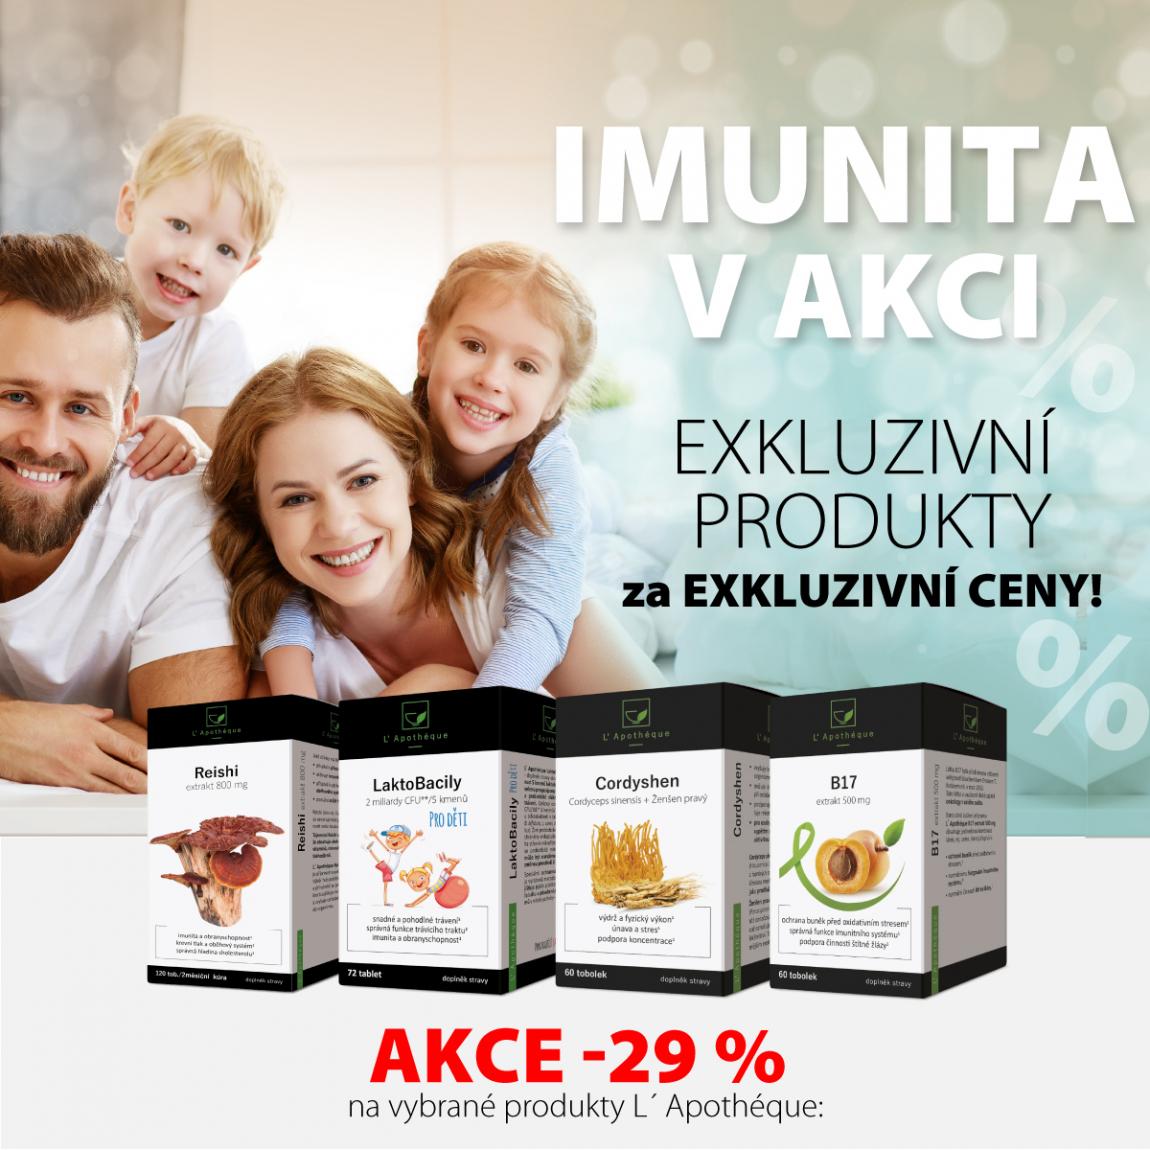 Exklizivní produkty za exkluzivní cenu